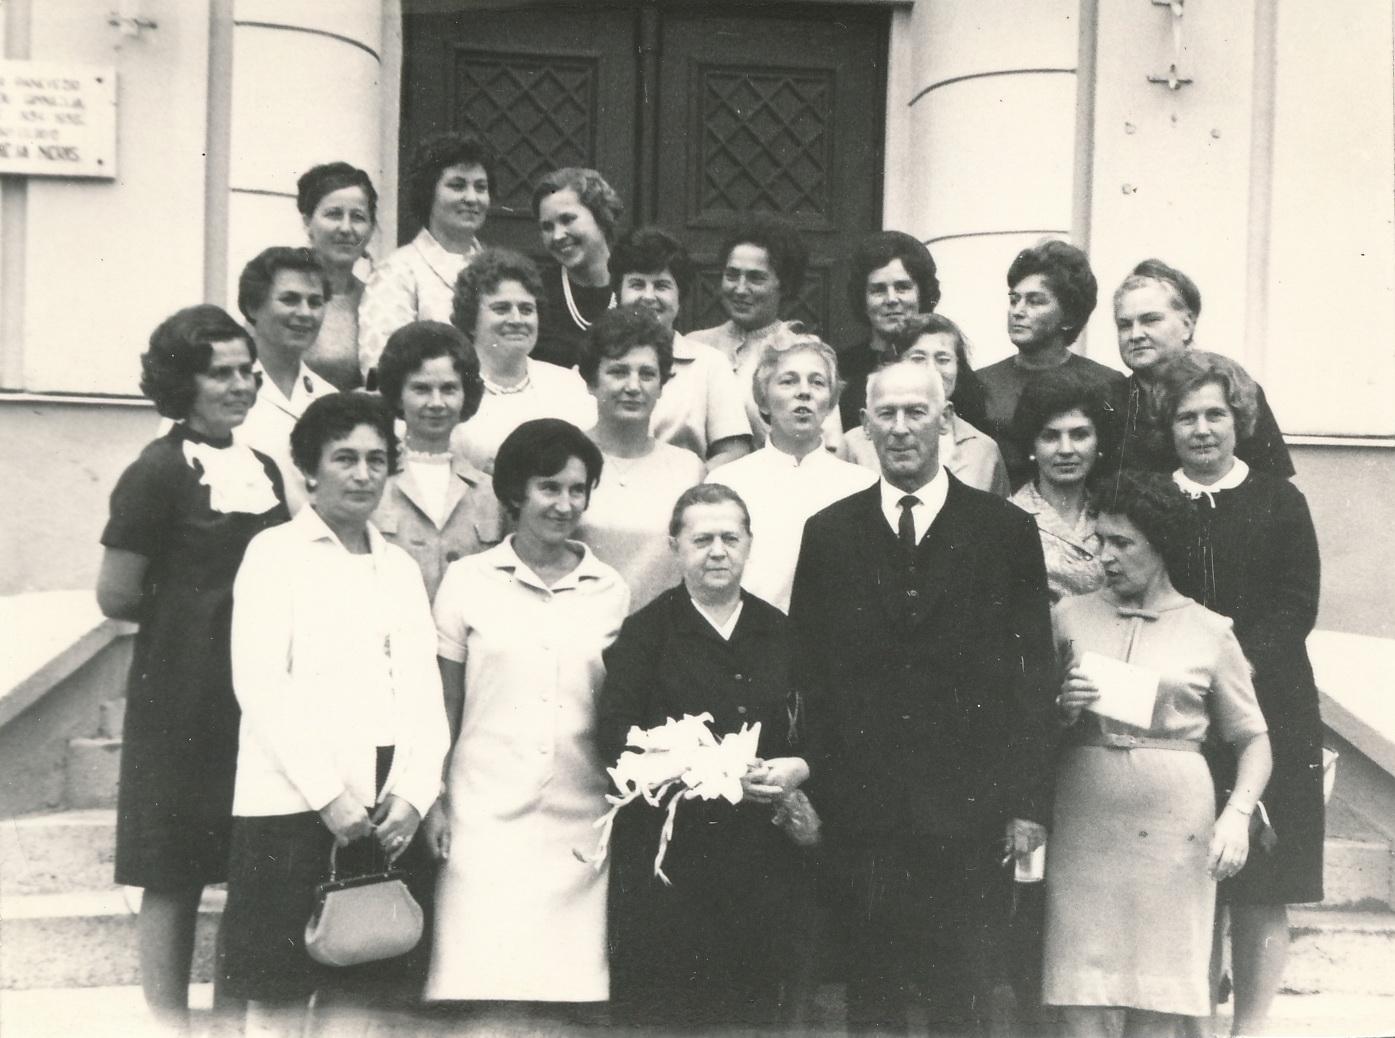 Panevėžio mergaičių gimnazijos 1944 metų absolvenčių ir pedagogų susitikimas 1969-aisiais. Pirmoje eilėje centre – Ona Maksimaitienė. PANEVĖŽIO APSKRITIES GABRIELĖS PETKEVIČAITĖS-BITĖS VIEŠOSIOS BIBLIOTEKOS (Almonijos Marcinkevičiūtės-Bernadišienės fondo) nuotrauka